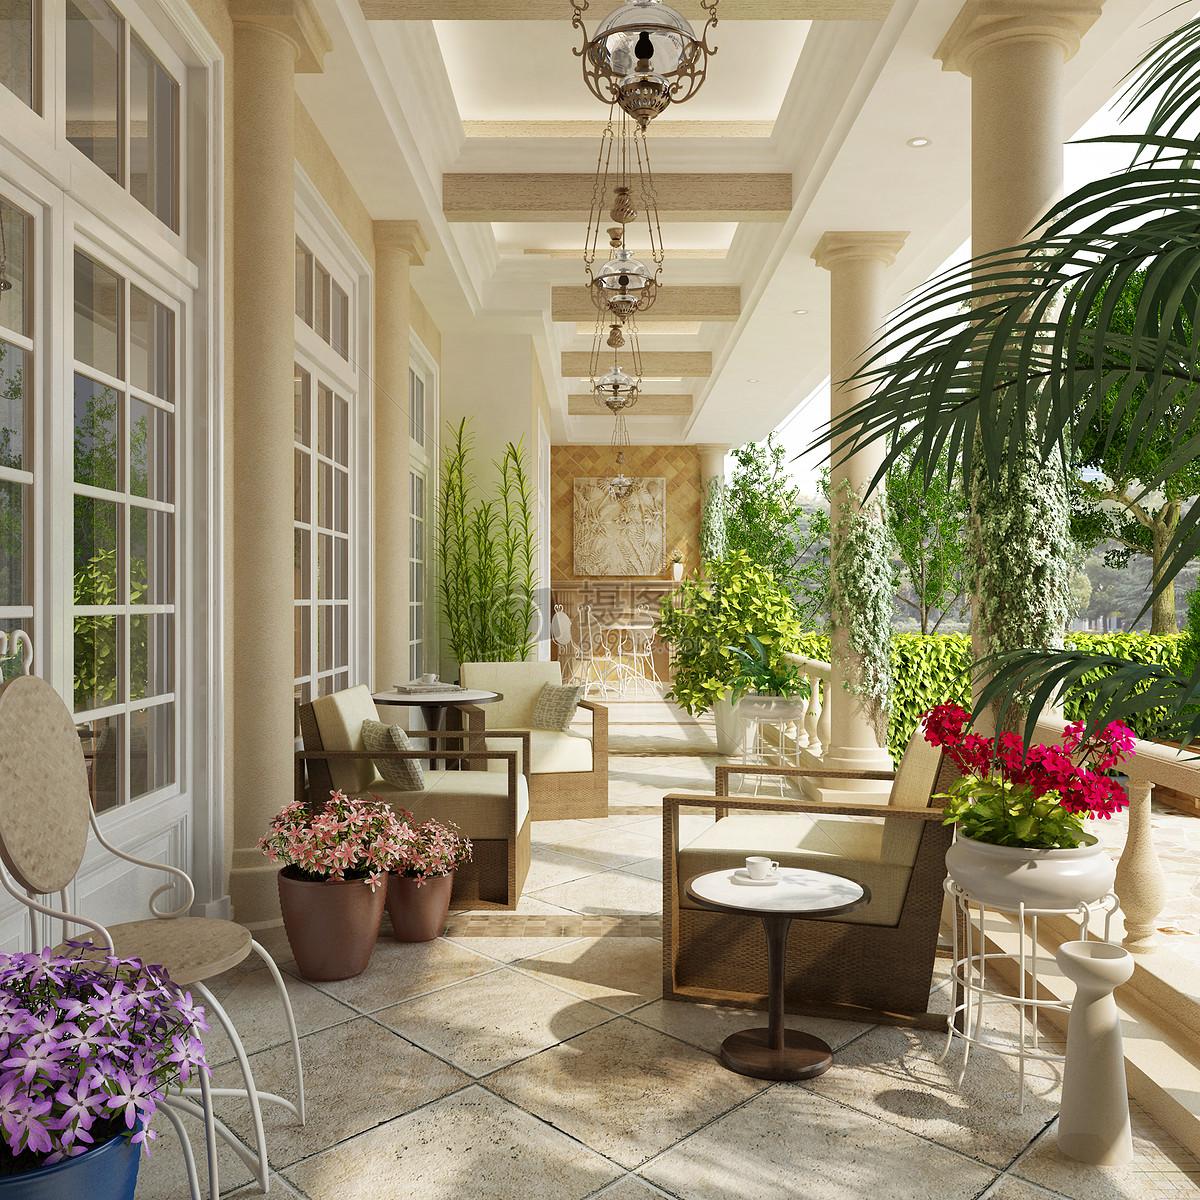 照片 自然风景 别墅阳台家具花卉效果图jpg